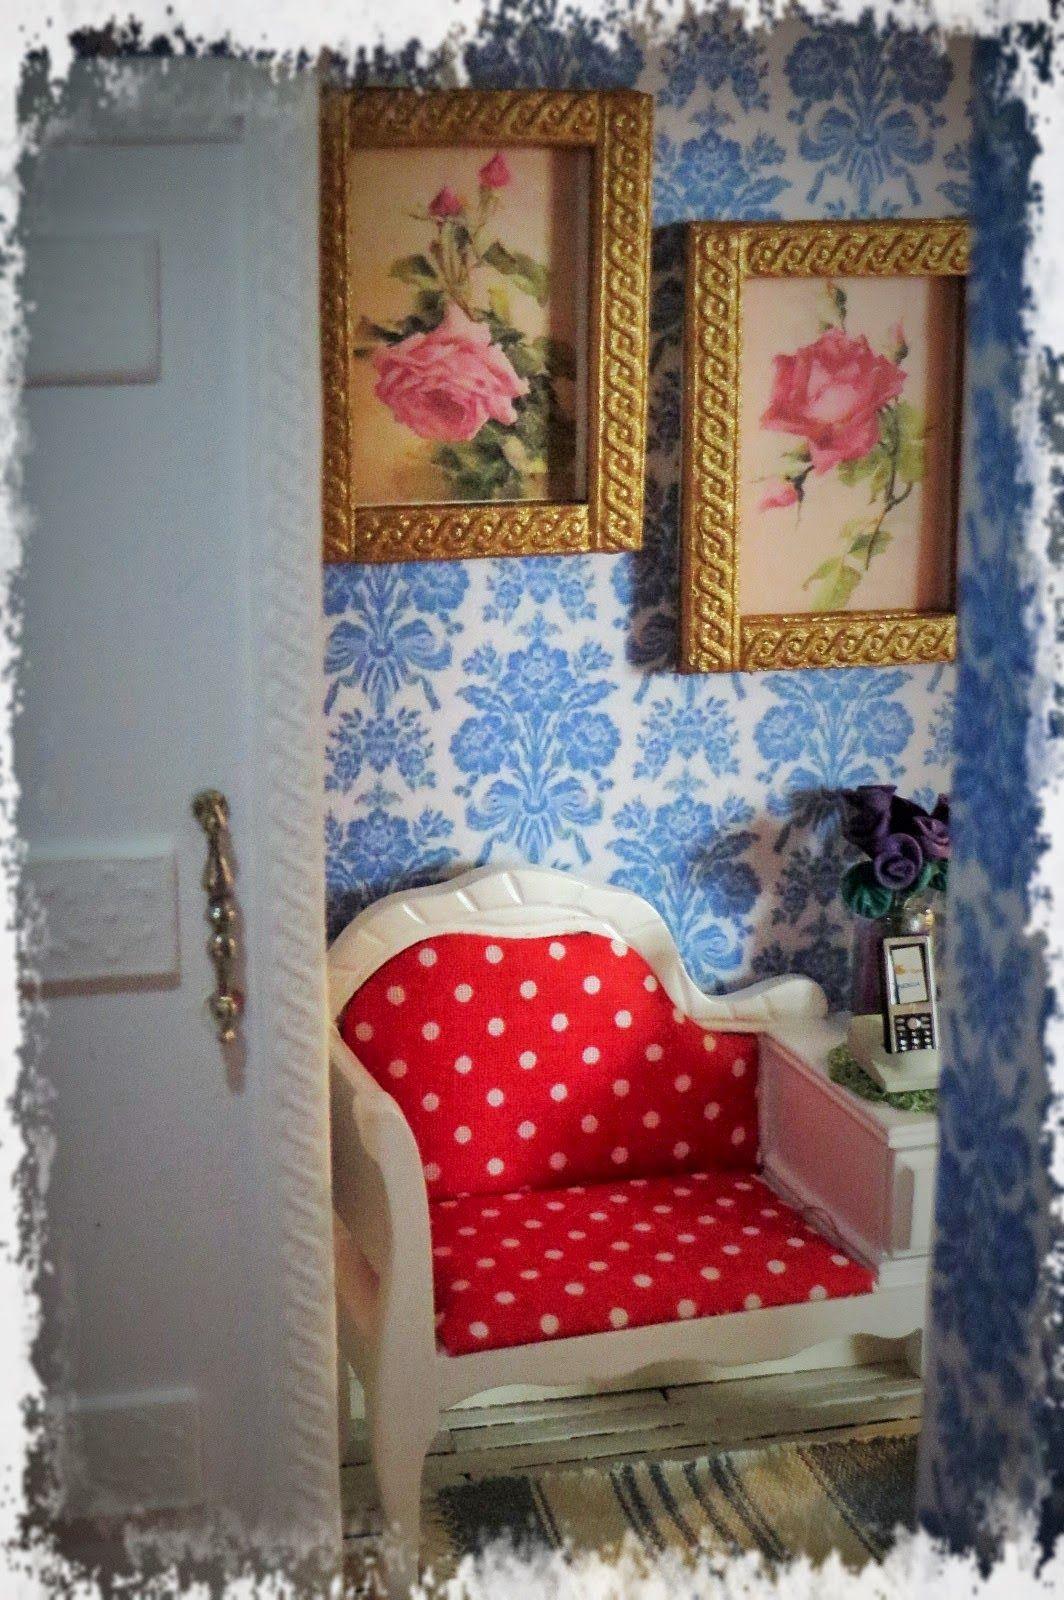 Jaanan nukkekoti - Jaana's dollhouse: Kehykset /Frames 1:12 DIY